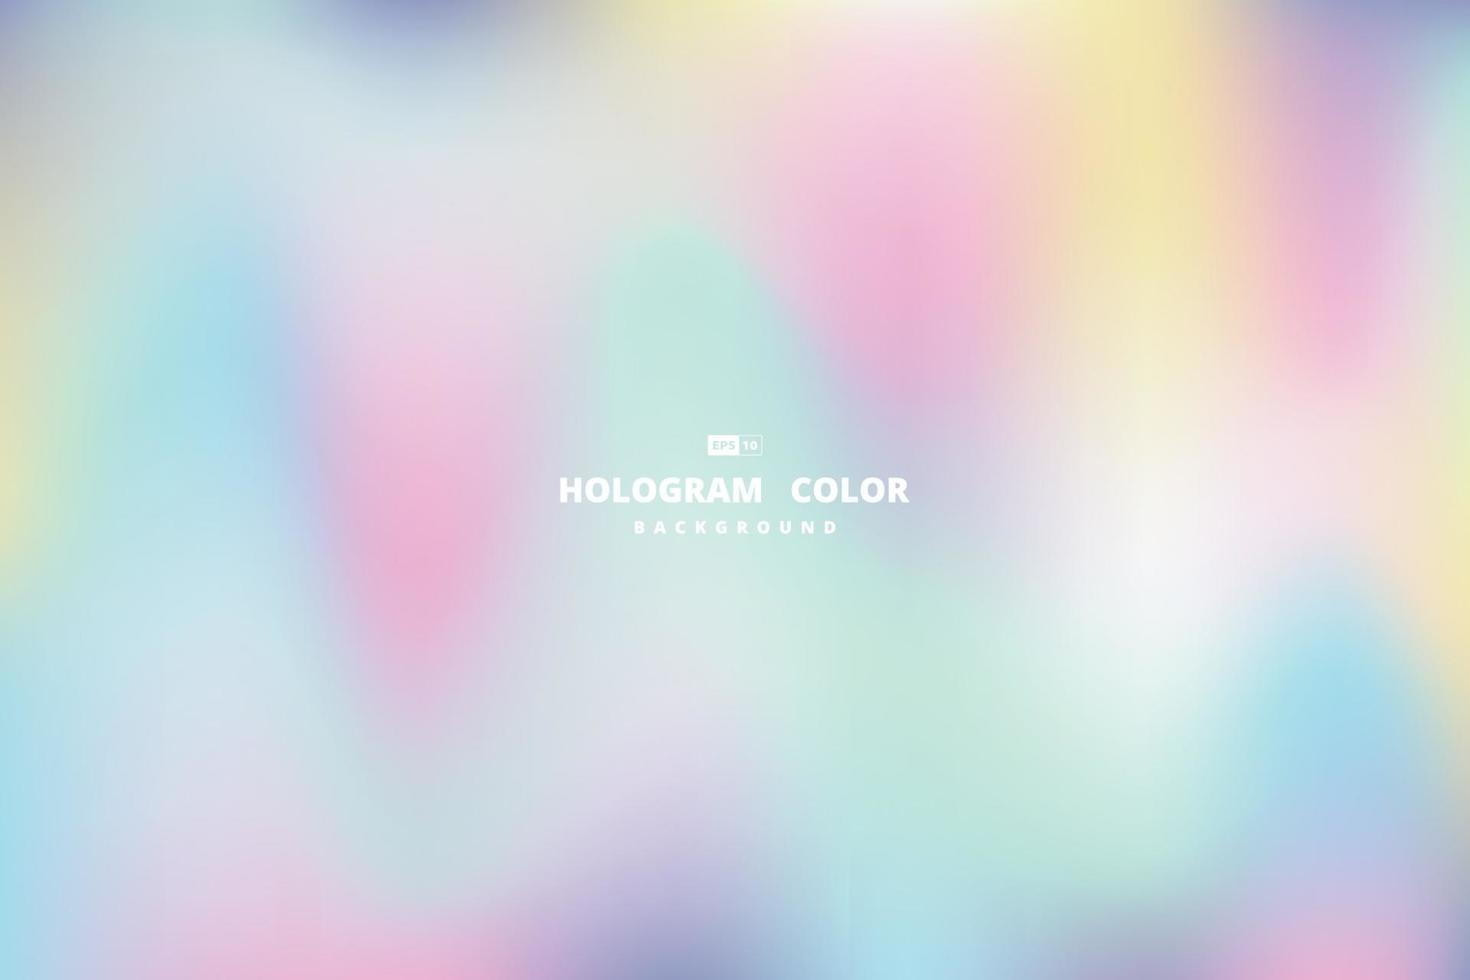 abstrakt magisk färg av hologramdesignbakgrund. illustration vektor eps10